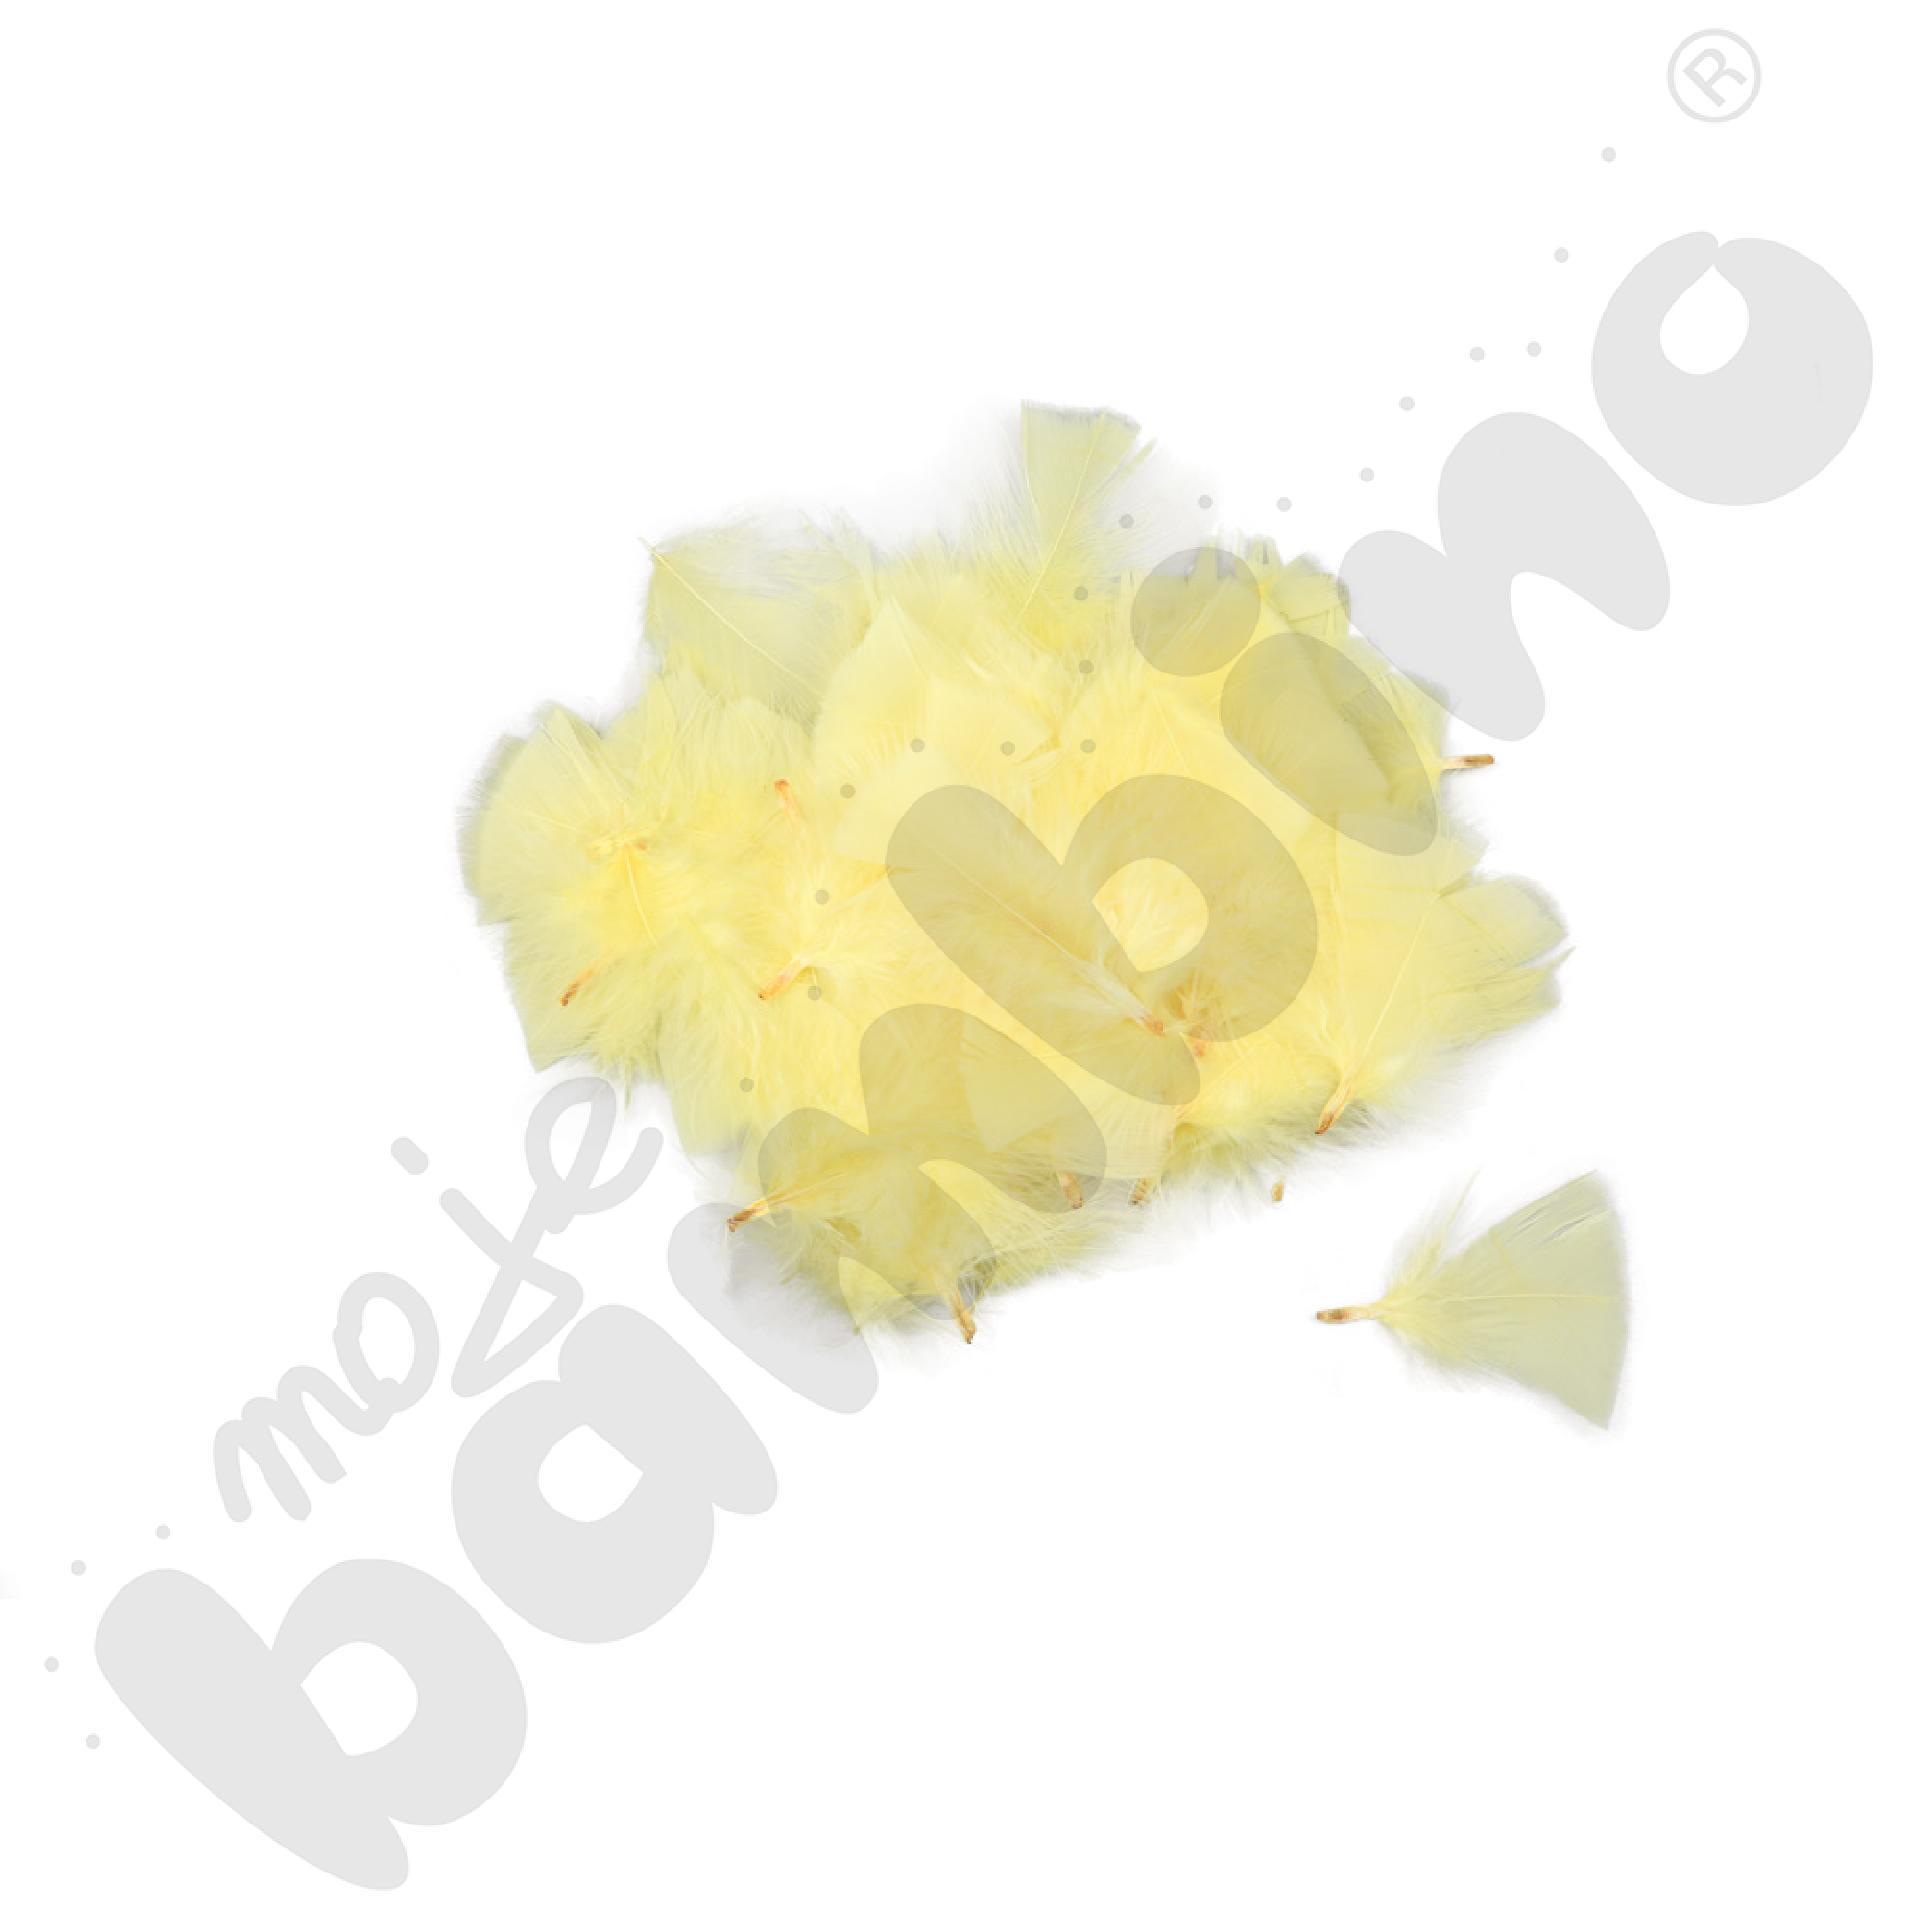 Żółte piórka